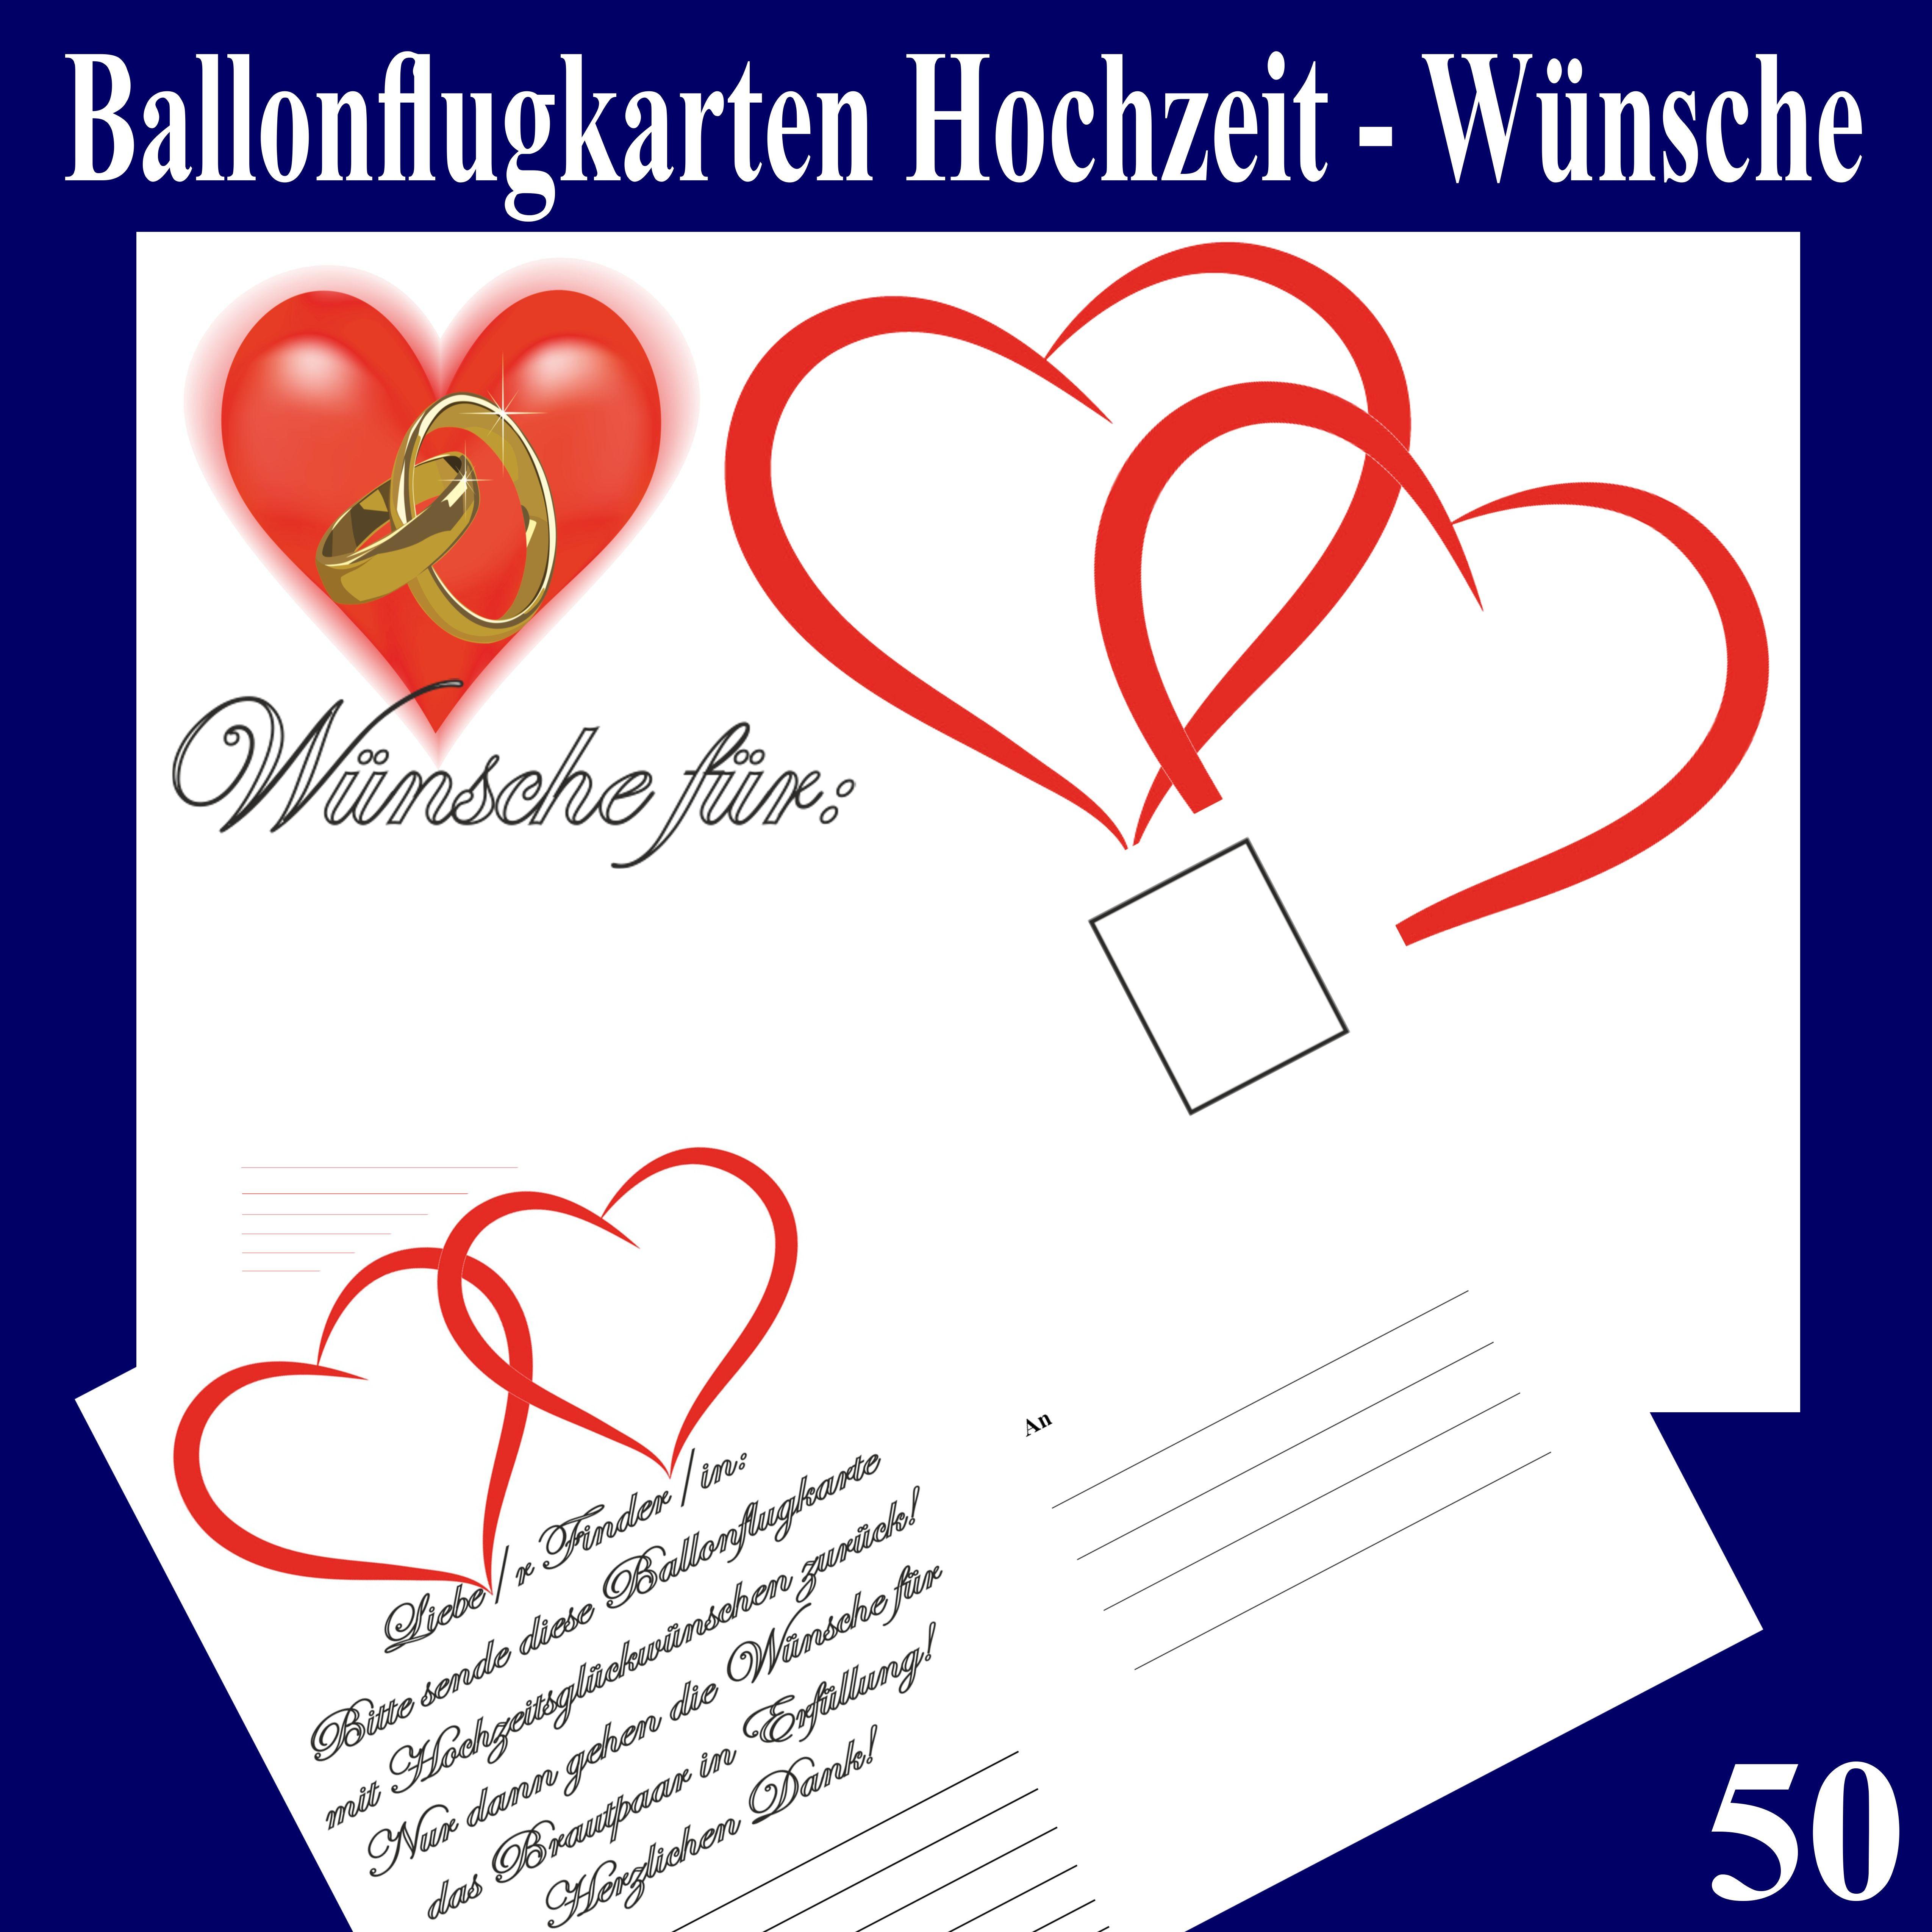 Hochzeit Wünsche Karte  Ballonsupermarkt lineshop Ballonflugkarten Hochzeit